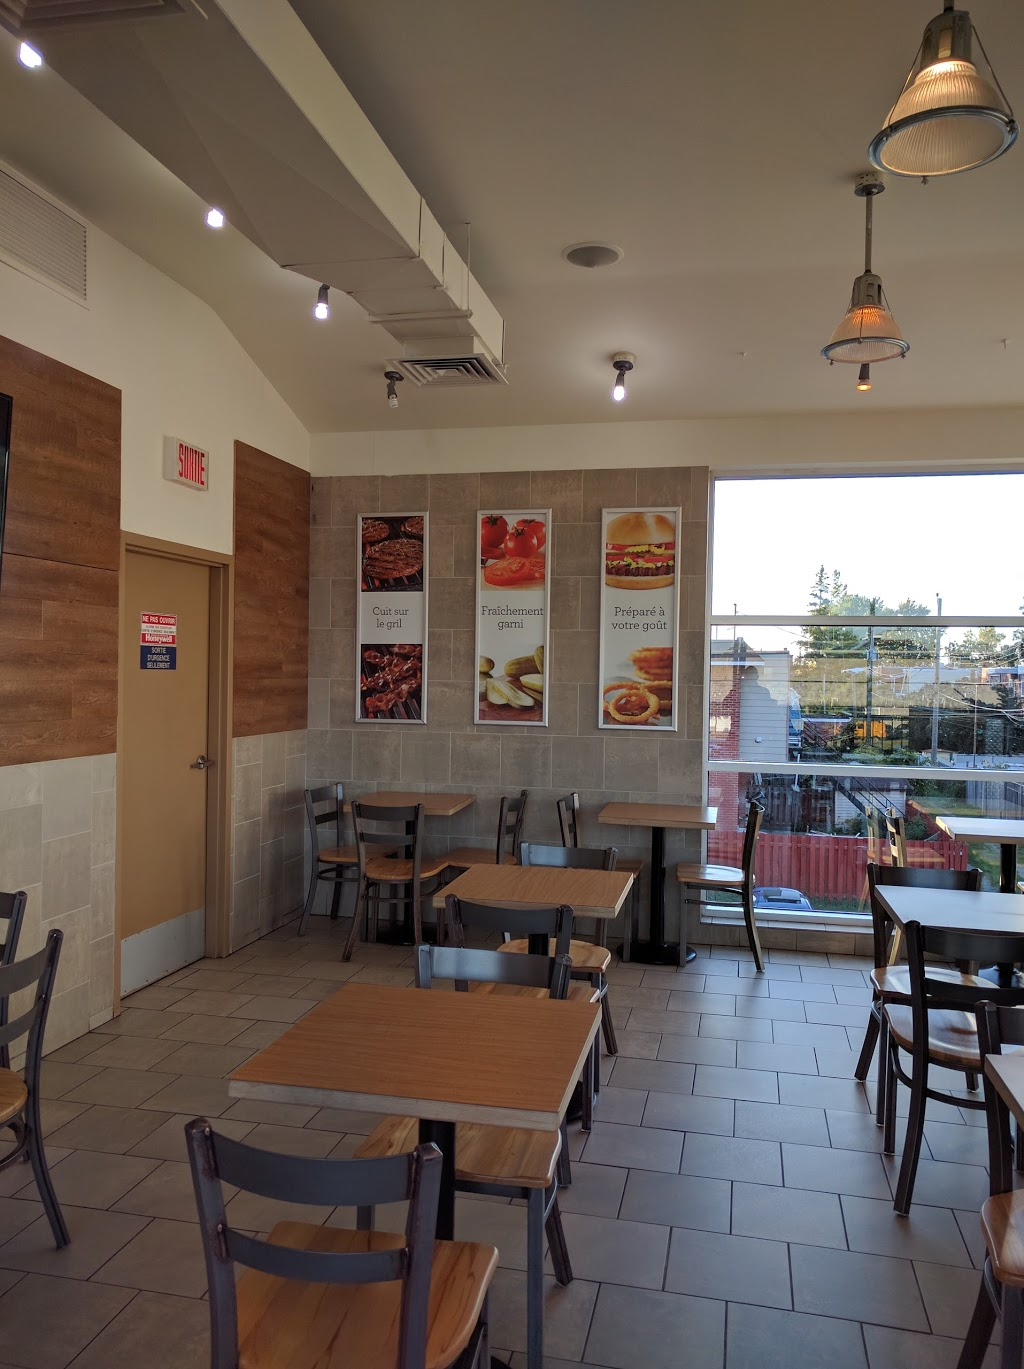 Harveys | restaurant | 3201 Rue, Boul Crémazie E, Montreal, QC H1Z 2H6, Canada | 5147292525 OR +1 514-729-2525